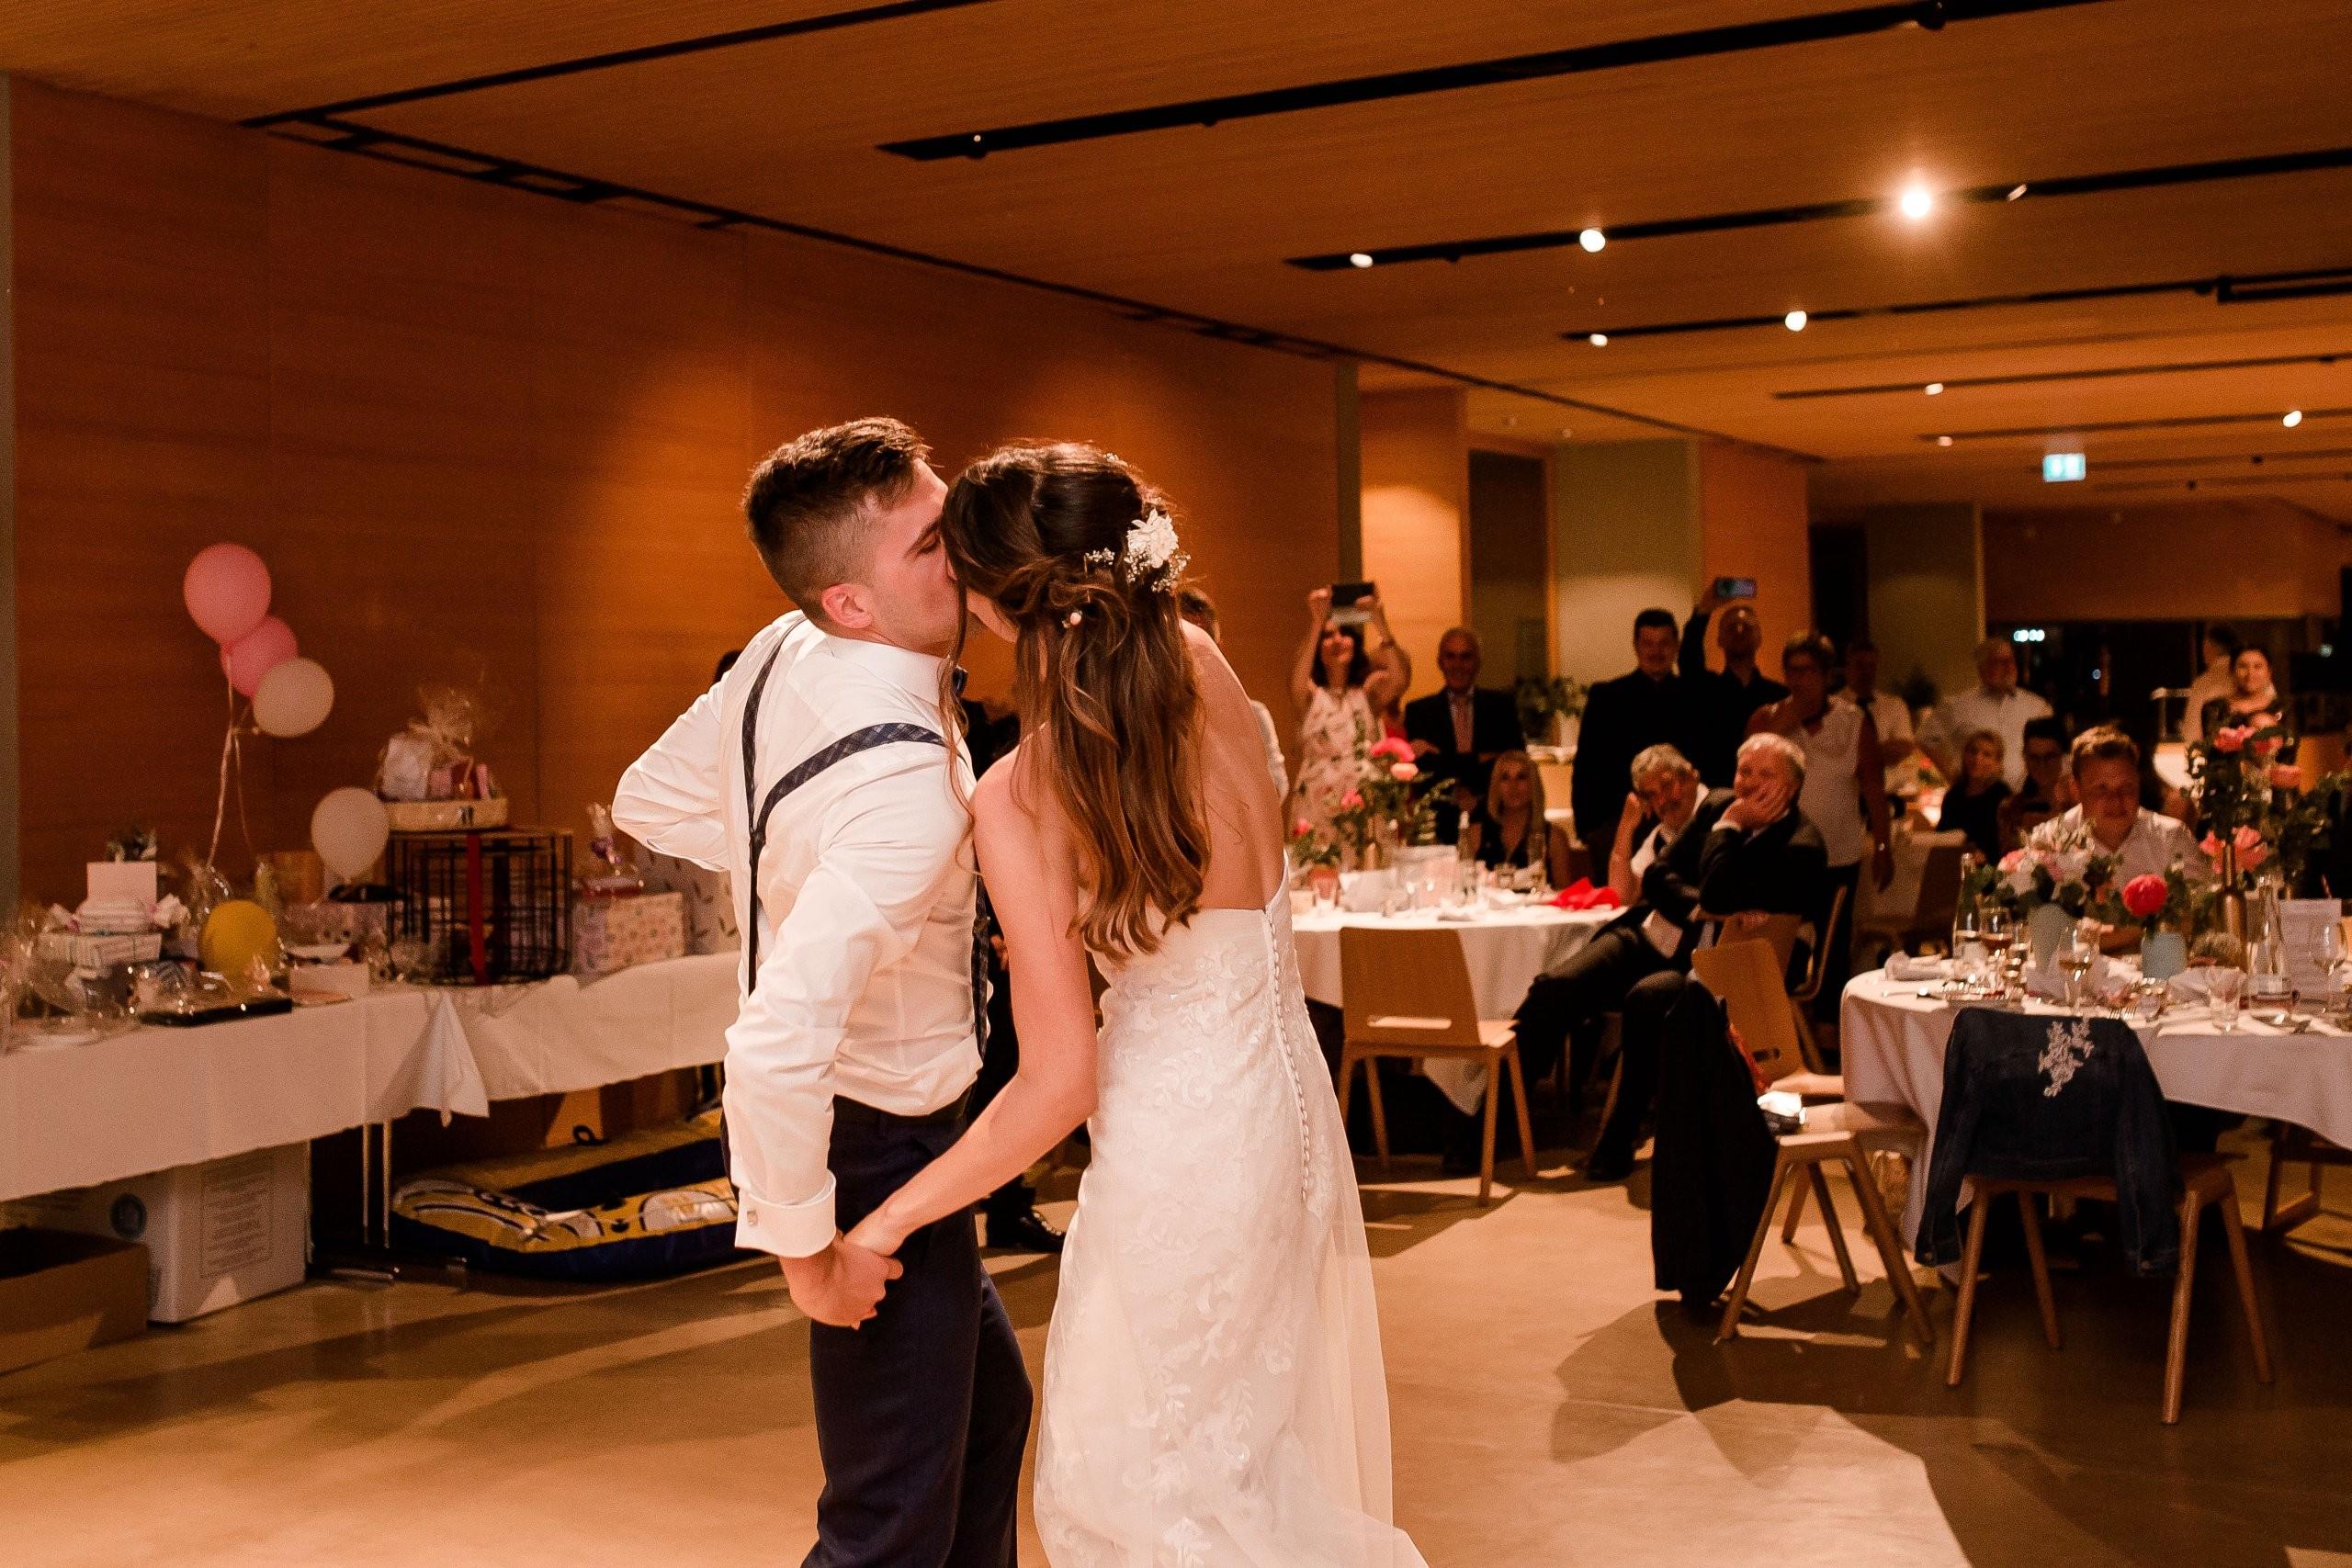 Aida + Tim | Hochzeitsfotografen am Bodensee Hochzeit - Insel Mainau, Konstanz